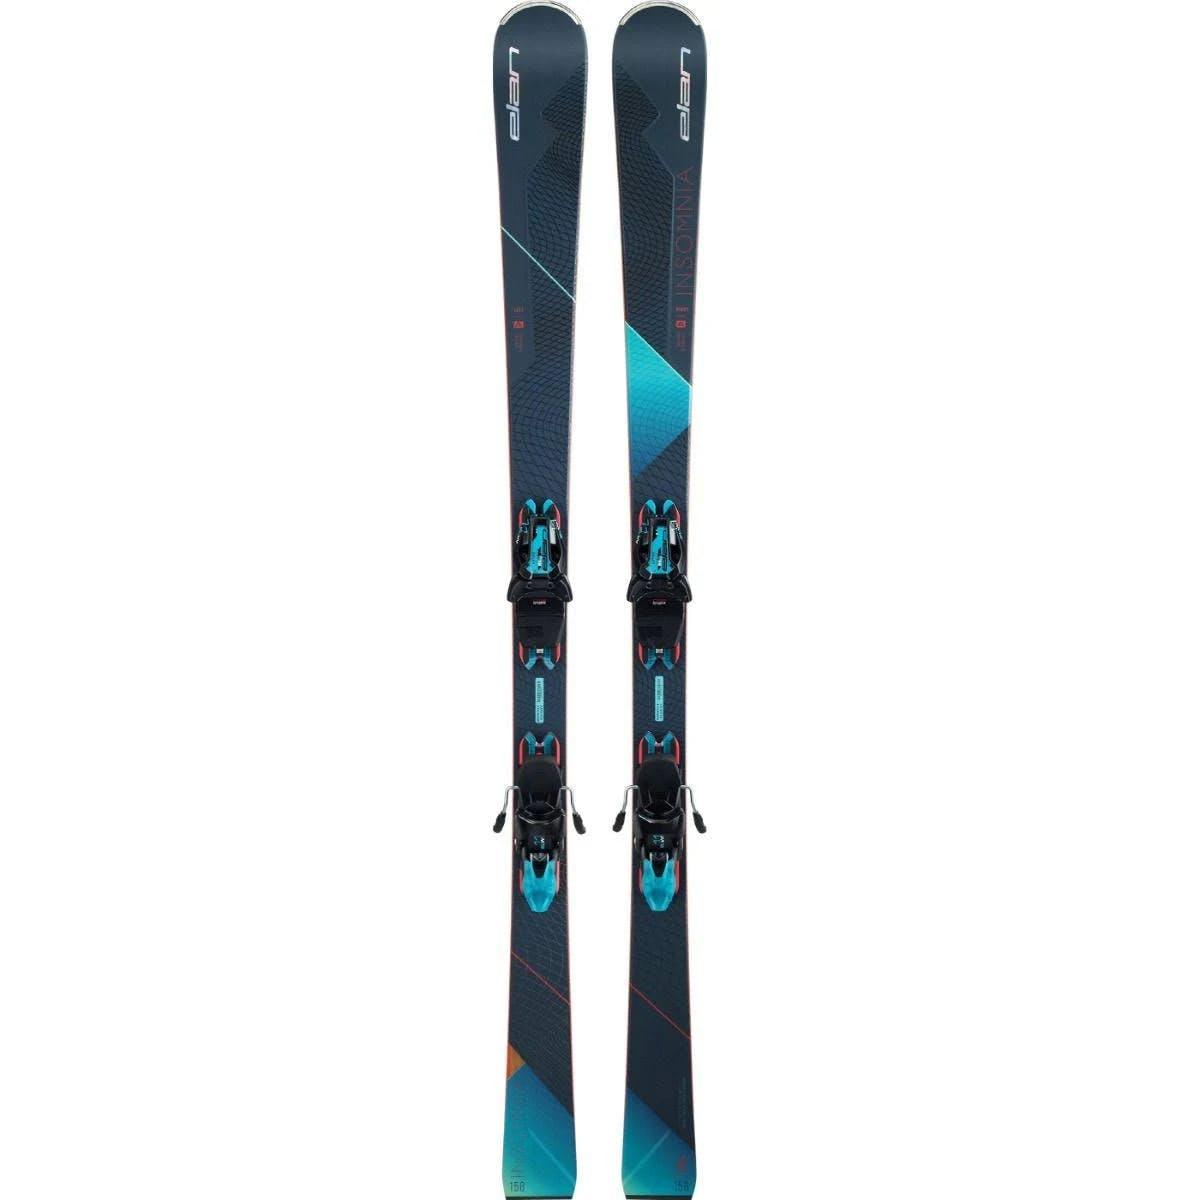 Elan Insomnia Powershift Women's Skis with ELW 11 Bindings · 2020